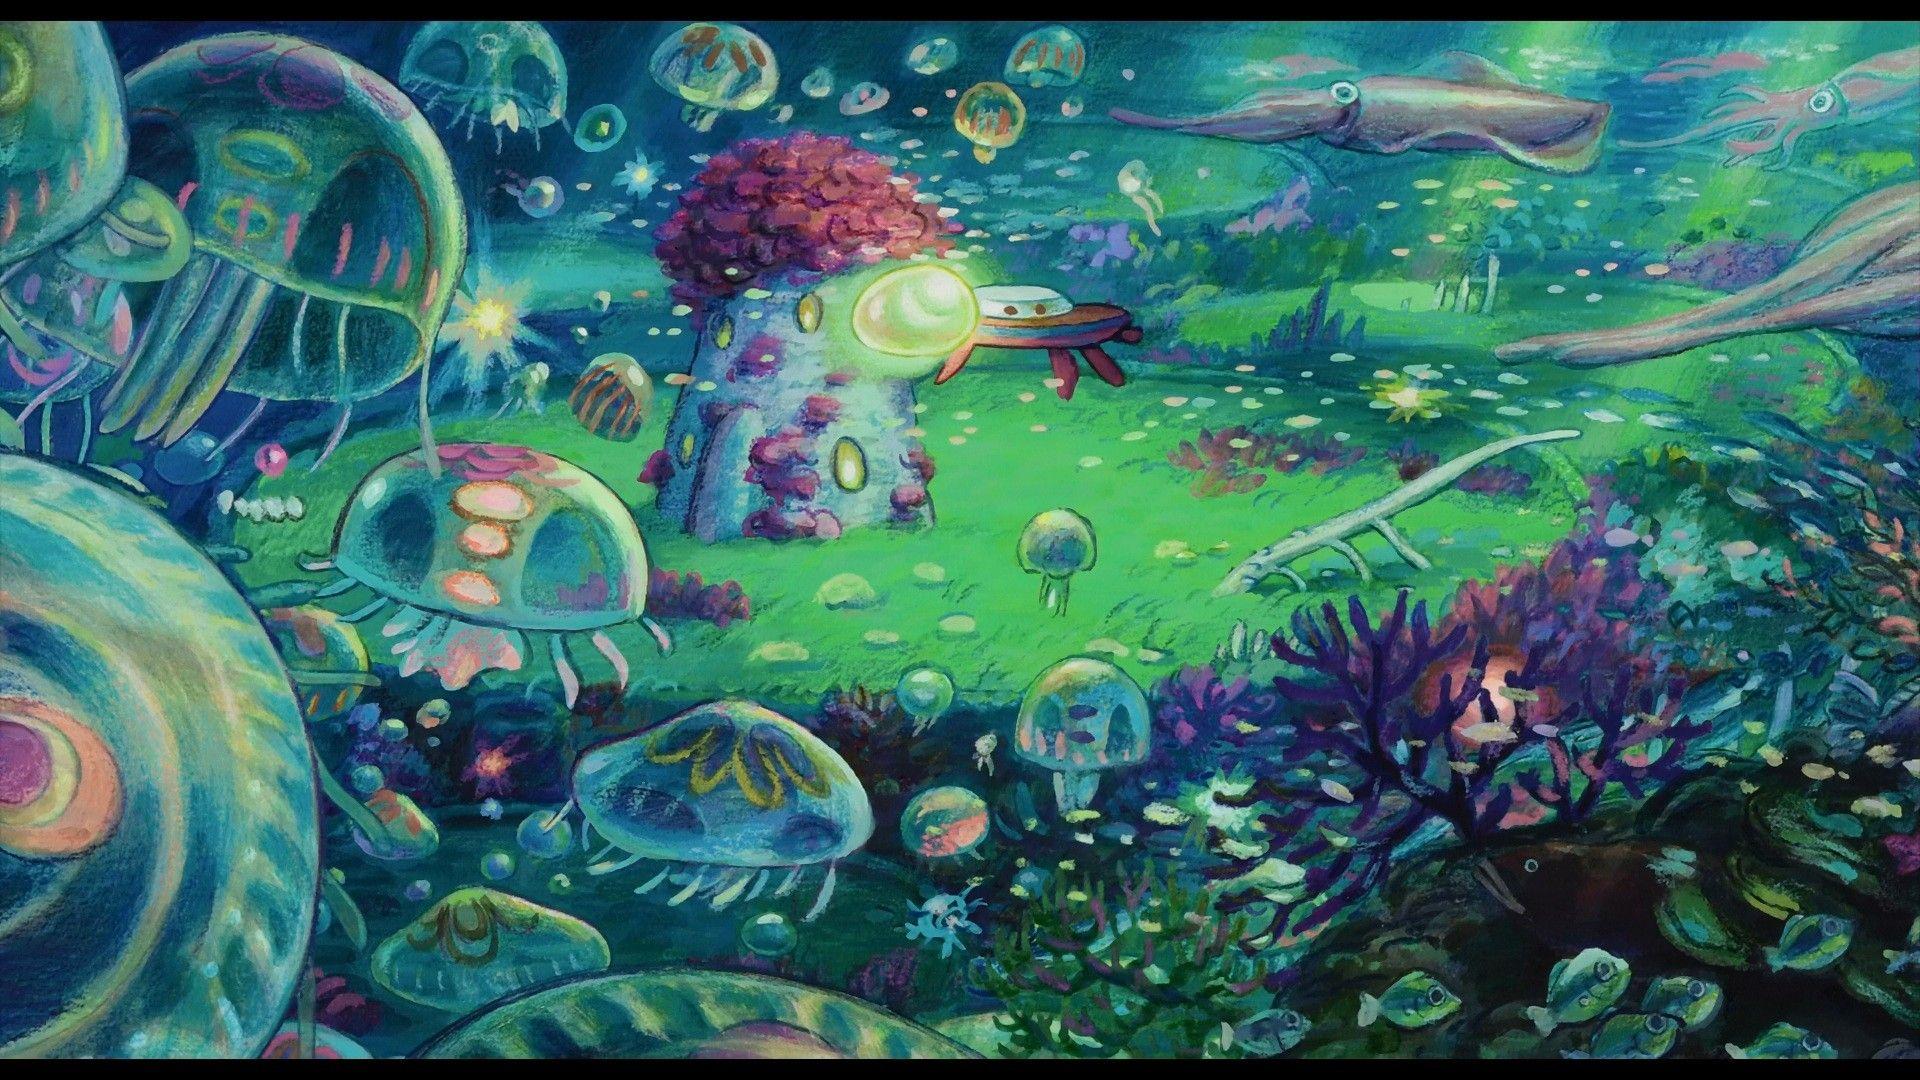 Ponyo Computer Wallpapers Desktop Backgrounds 1920x1080 Id 420279 Studio Ghibli Art Studio Ghibli Ghibli Art